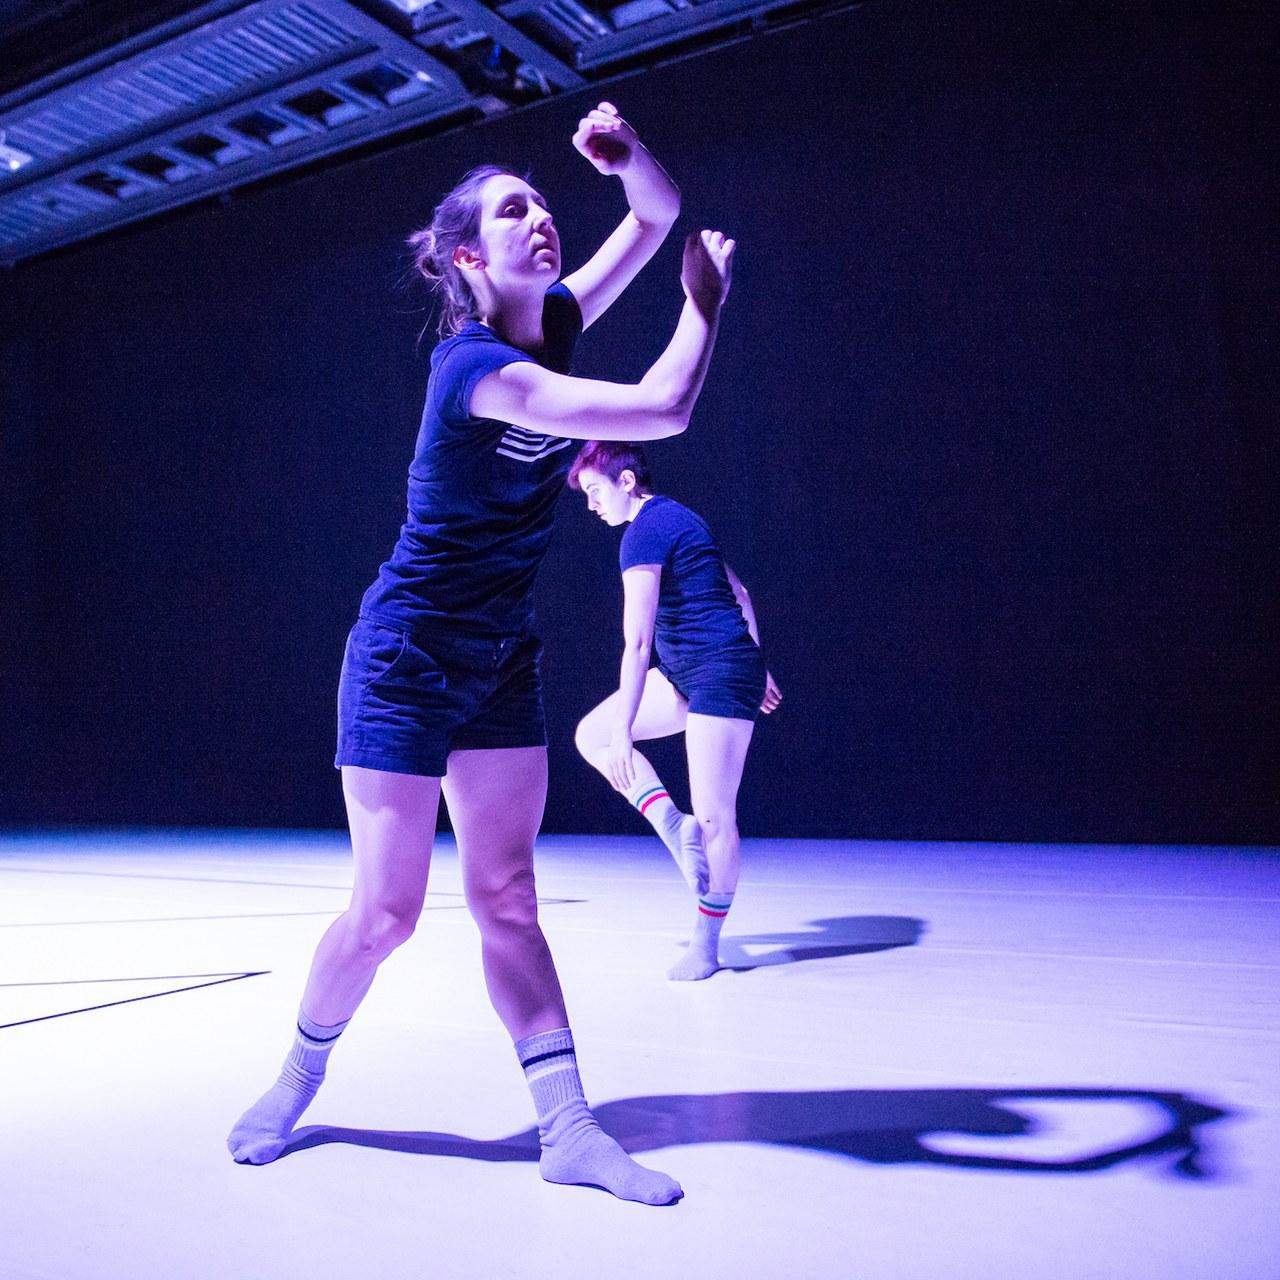 Alphabet: Sistema, danzatori: Carolina Amoretti, Sissj Bassani e Marco valerio Amico. Scenario Pubblico, Catania 1-2 dicembre 2018; ph. Serena Nicoletti